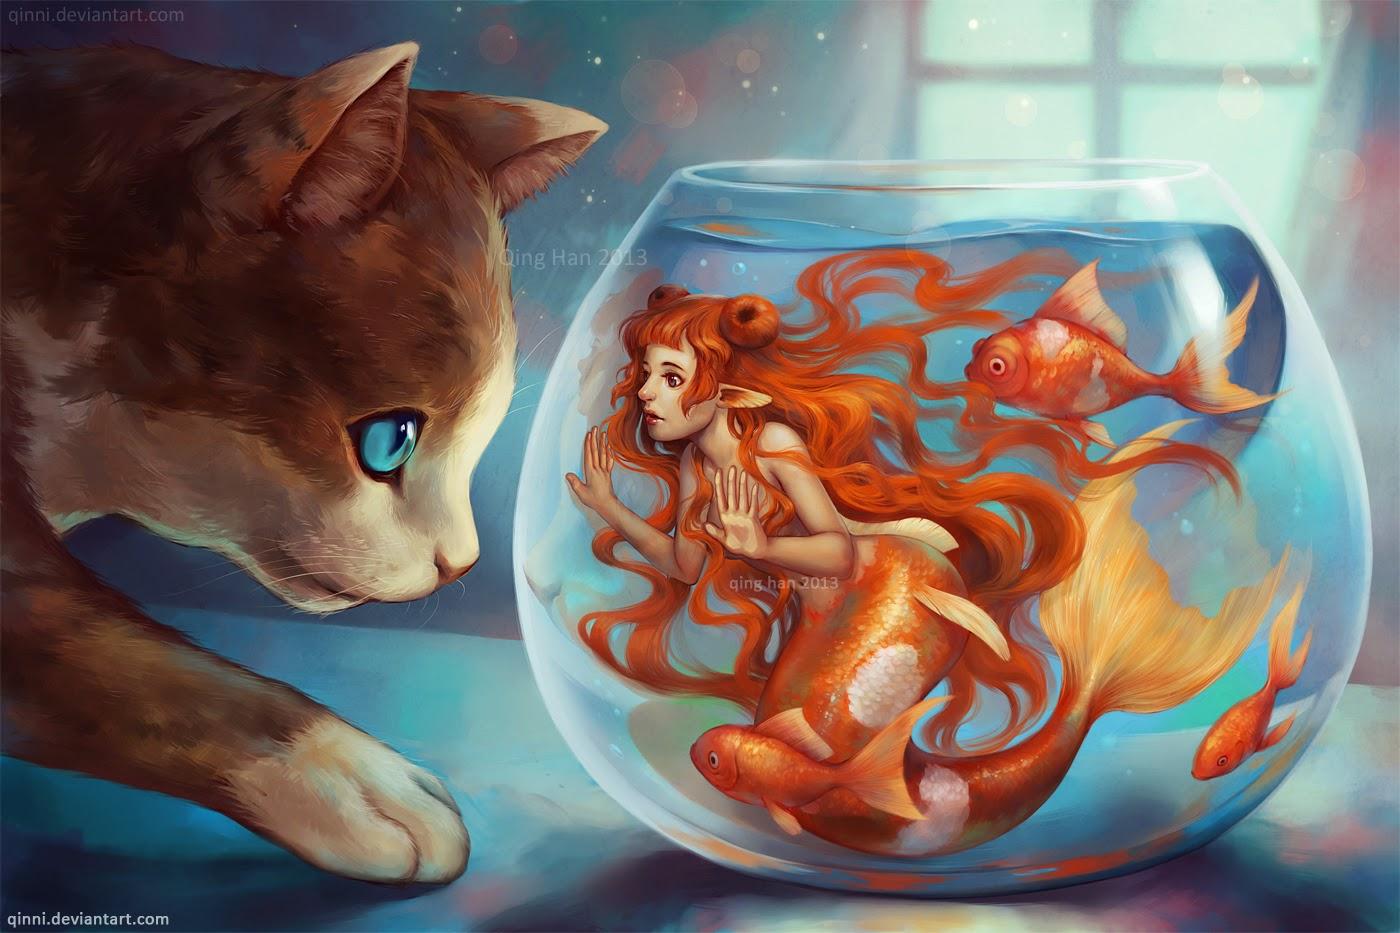 illustration de Qing Han d'un chat regardant un bocal contenant une sirène